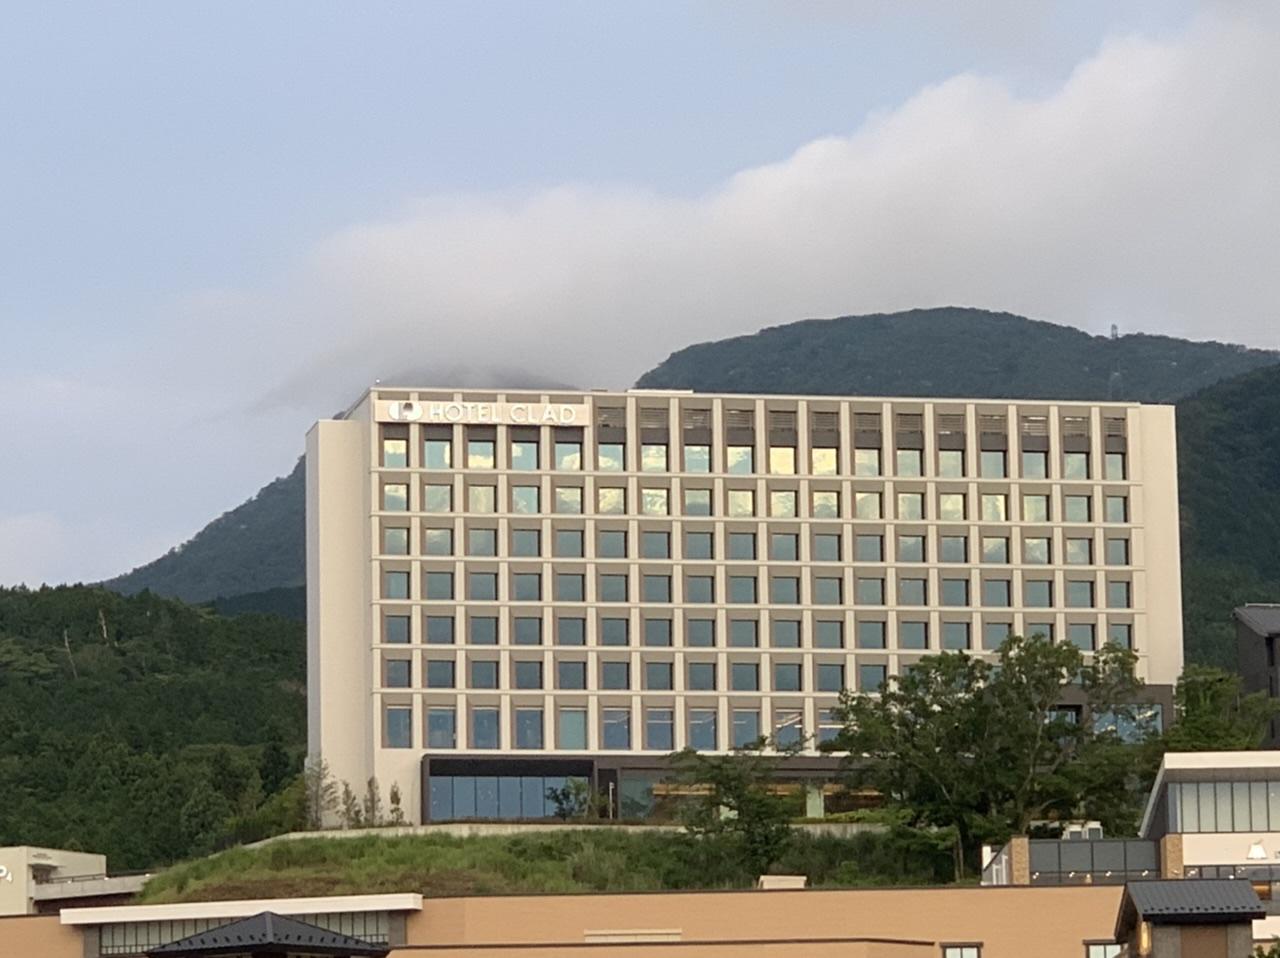 【富士山ビュー】御殿場にあるHOTEL CLADに宿泊♡アウトレットグルメも!_8